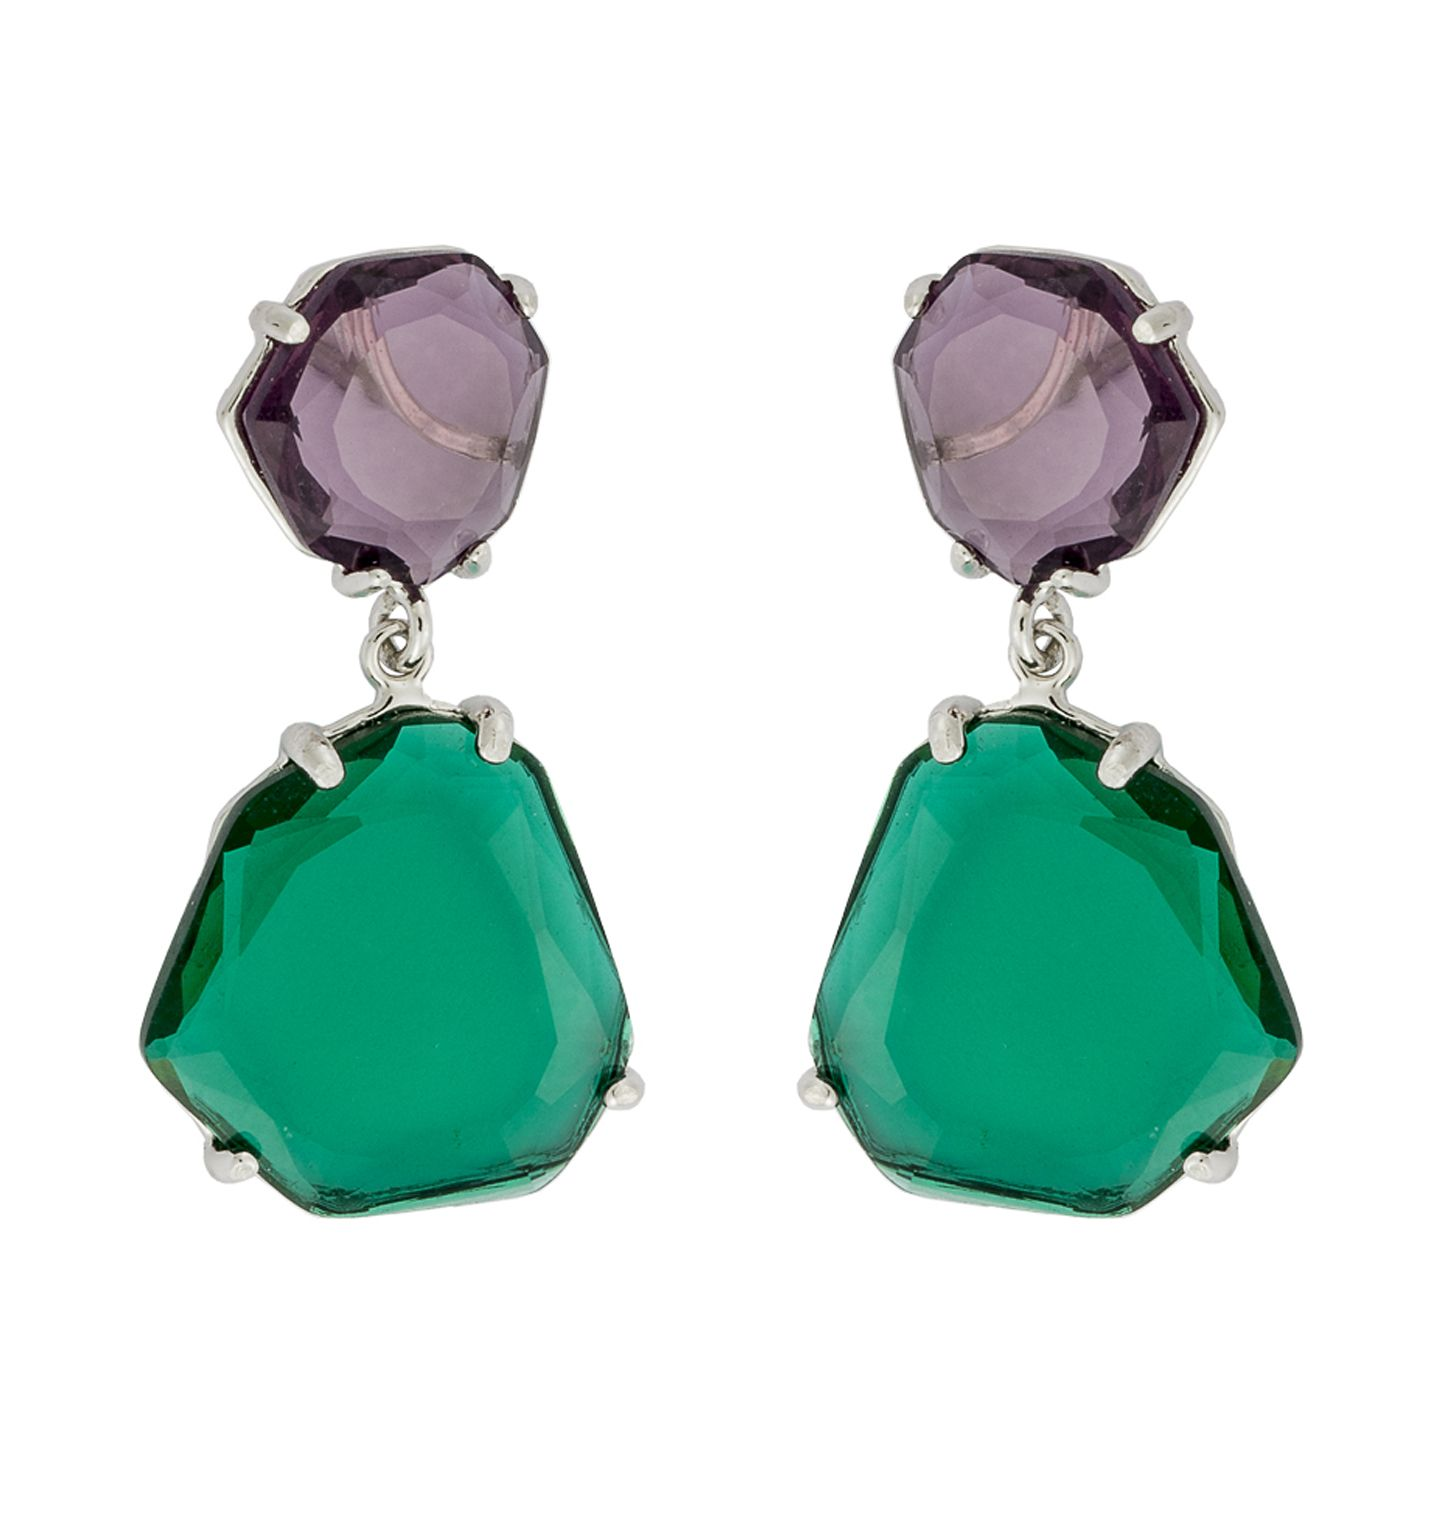 777057ecaf74 Pendientes de plata con piedra morada y verde. De Roselin Trendy ...